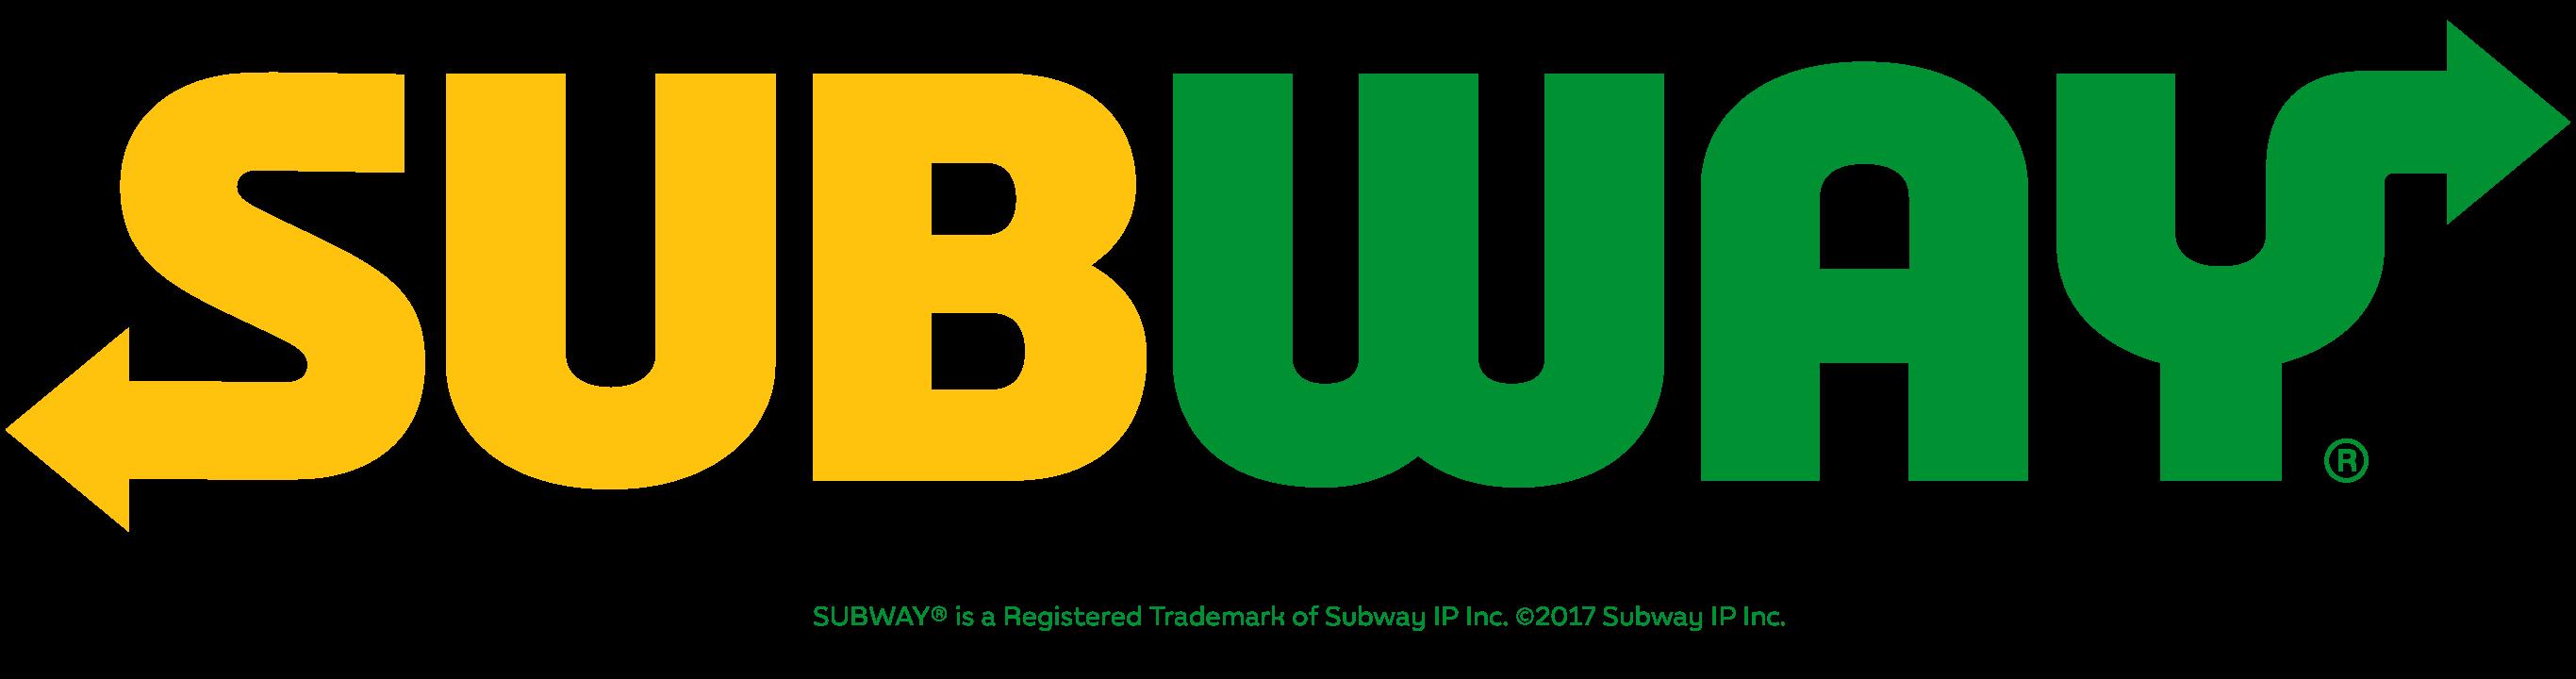 Subway Logo YG Legal - ENG (1)